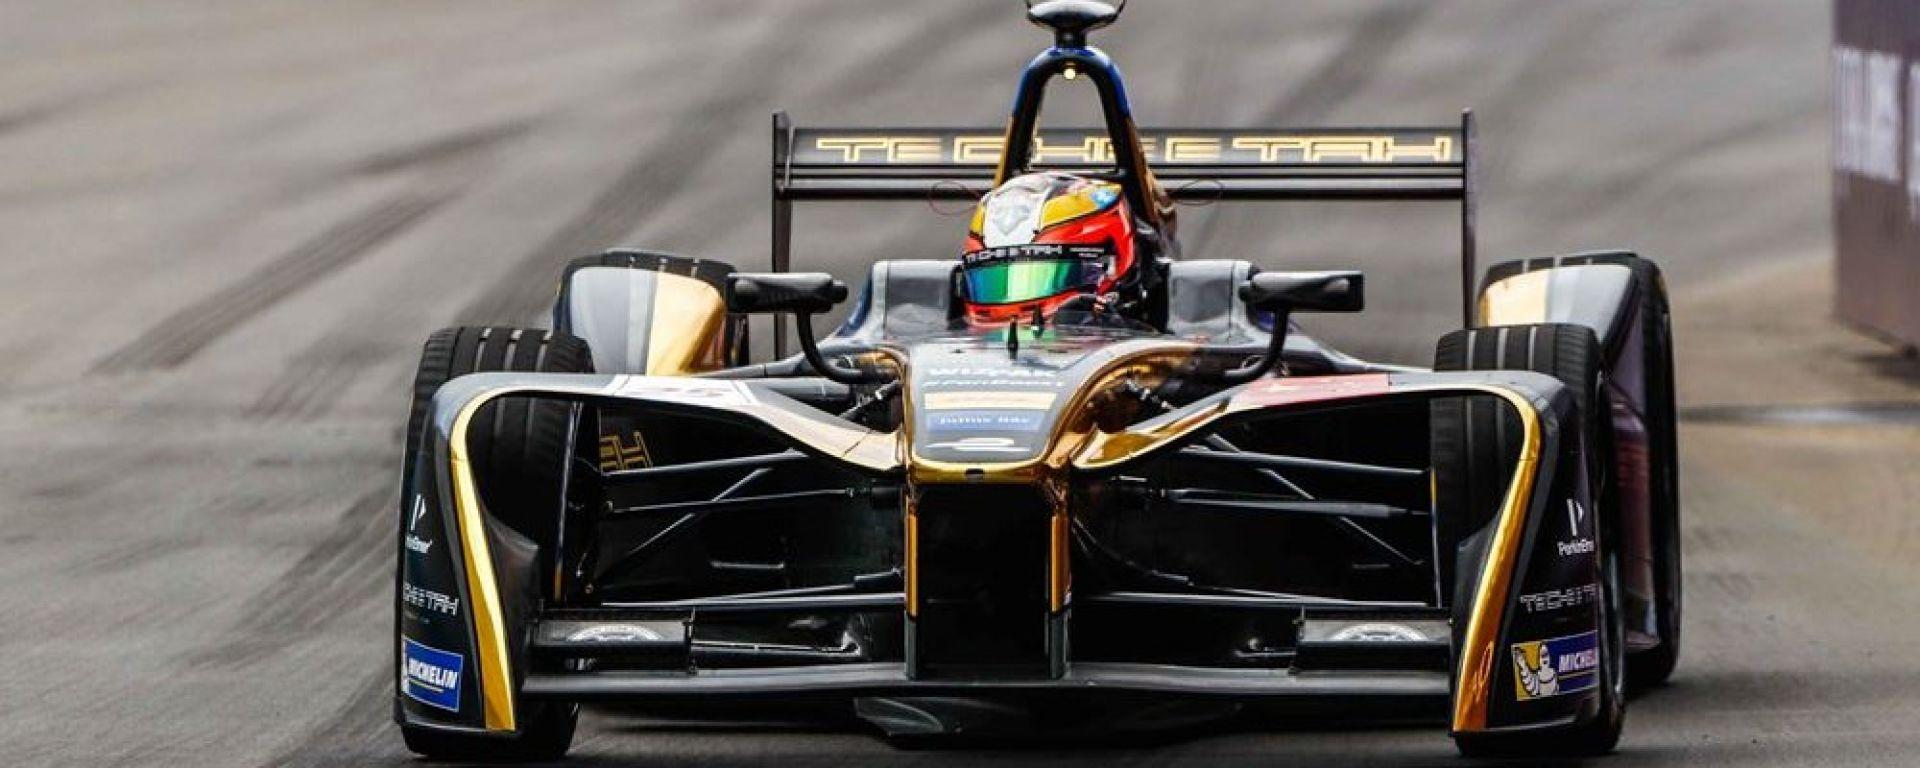 Techeetah Racing - Renault